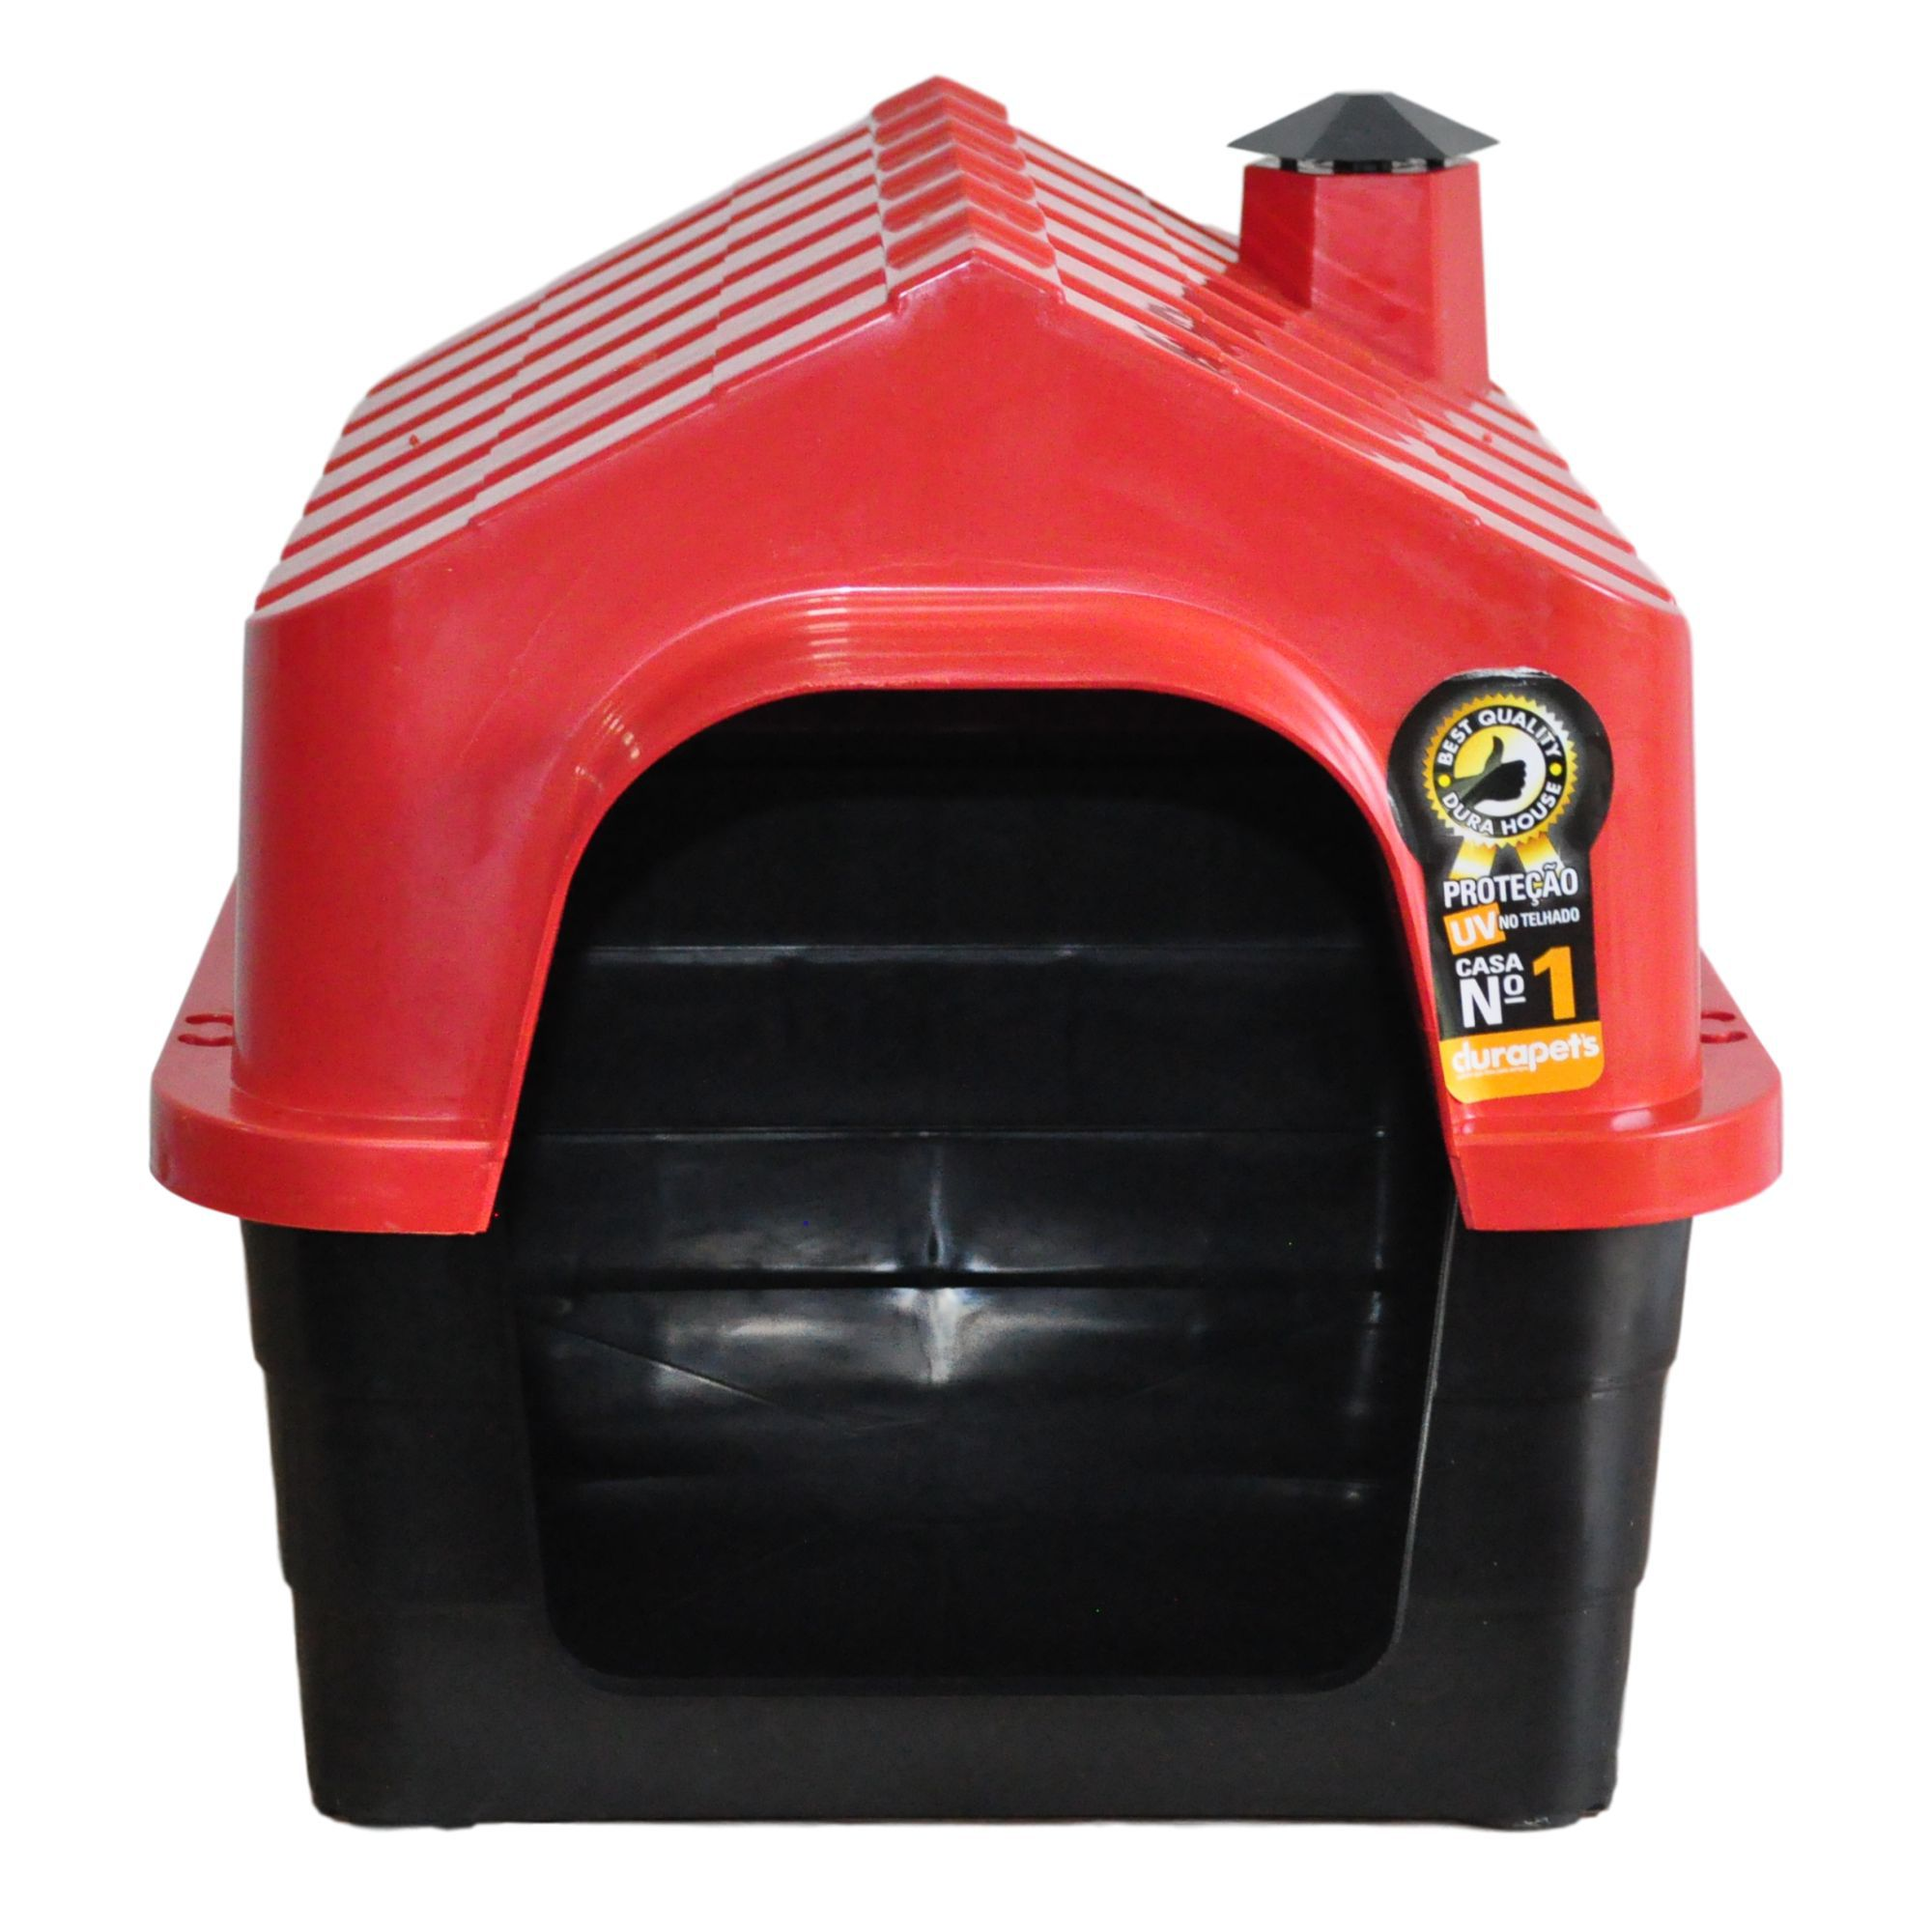 Casinha de Plástico Para Cachorro DuraHouse DuraPets Nº 1